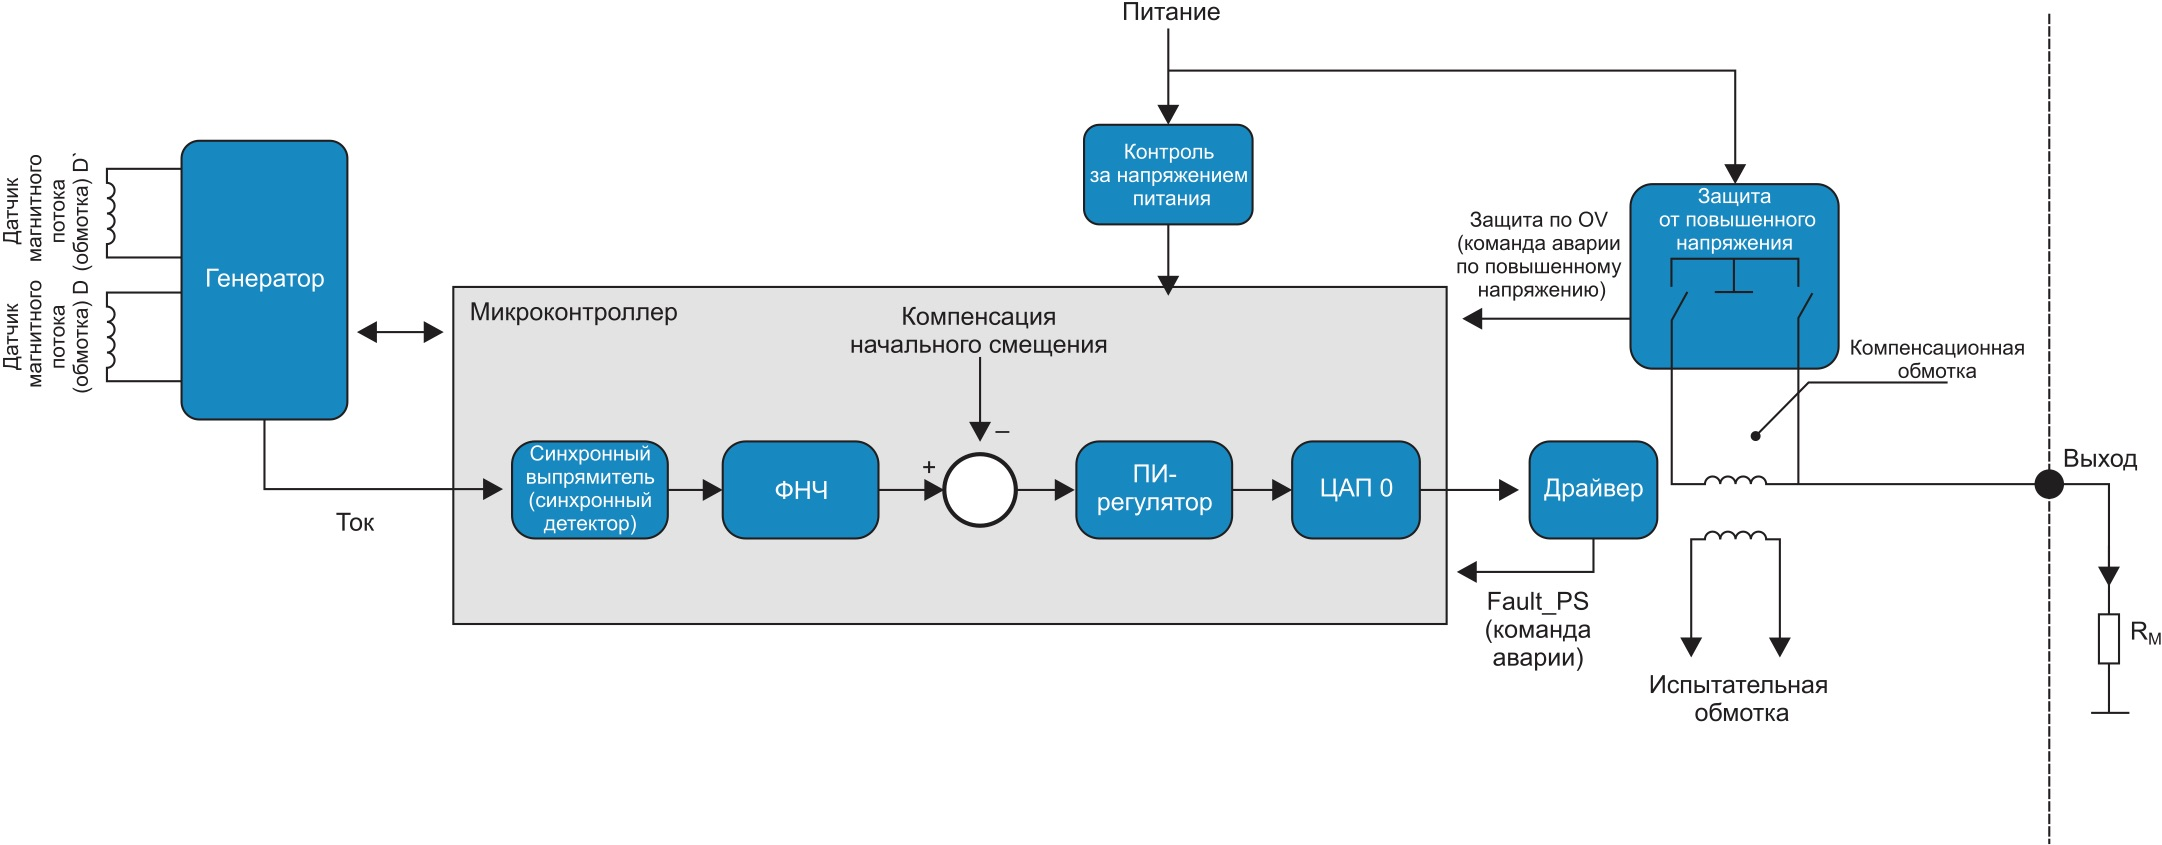 Основные функциональные блоки обработки сигналов в датчиках серии ITC